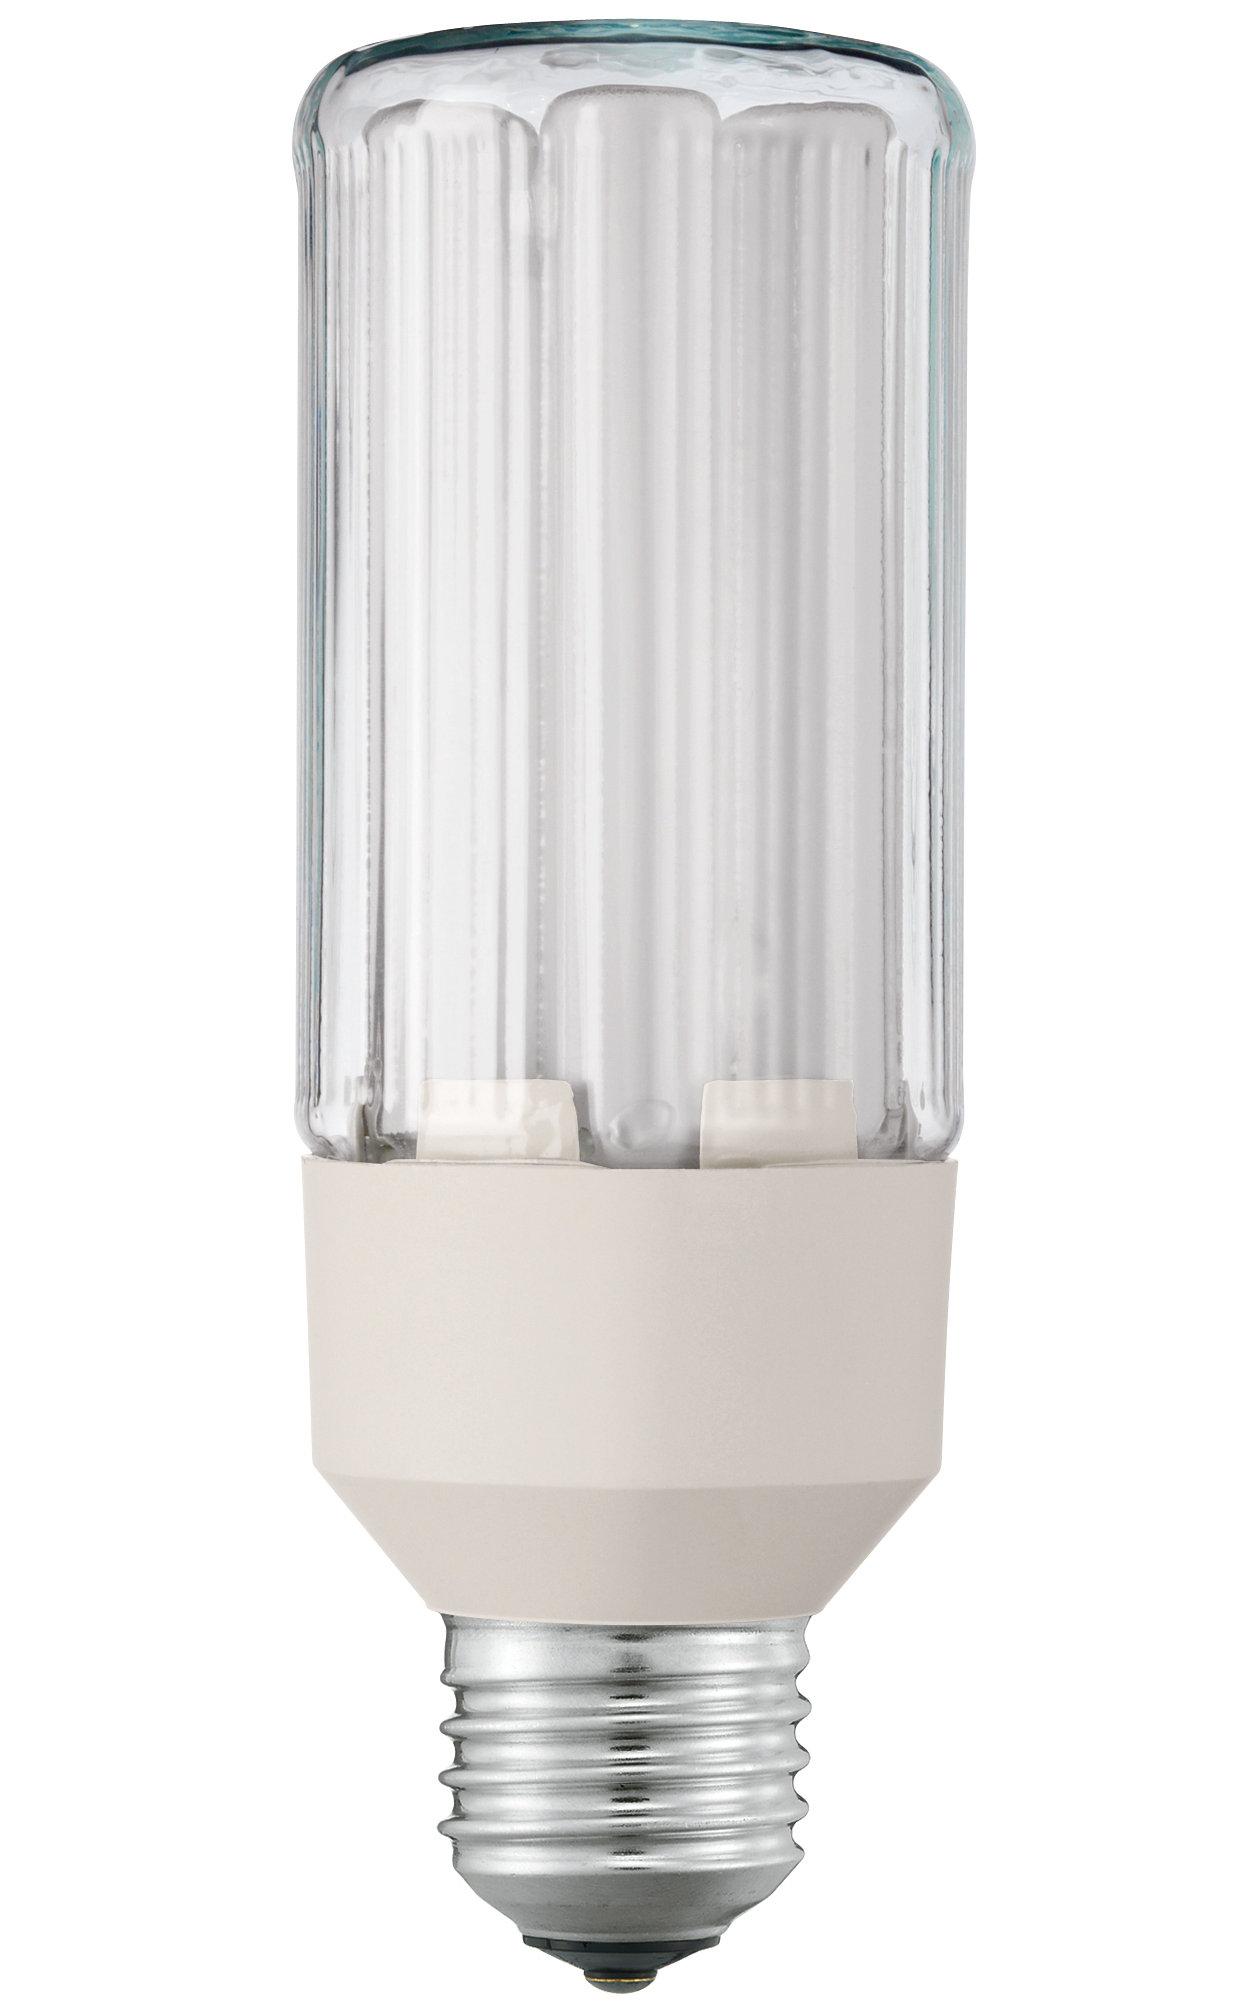 Det mest miljøvennlige valget i porteføljen med energibesparende lyskilder